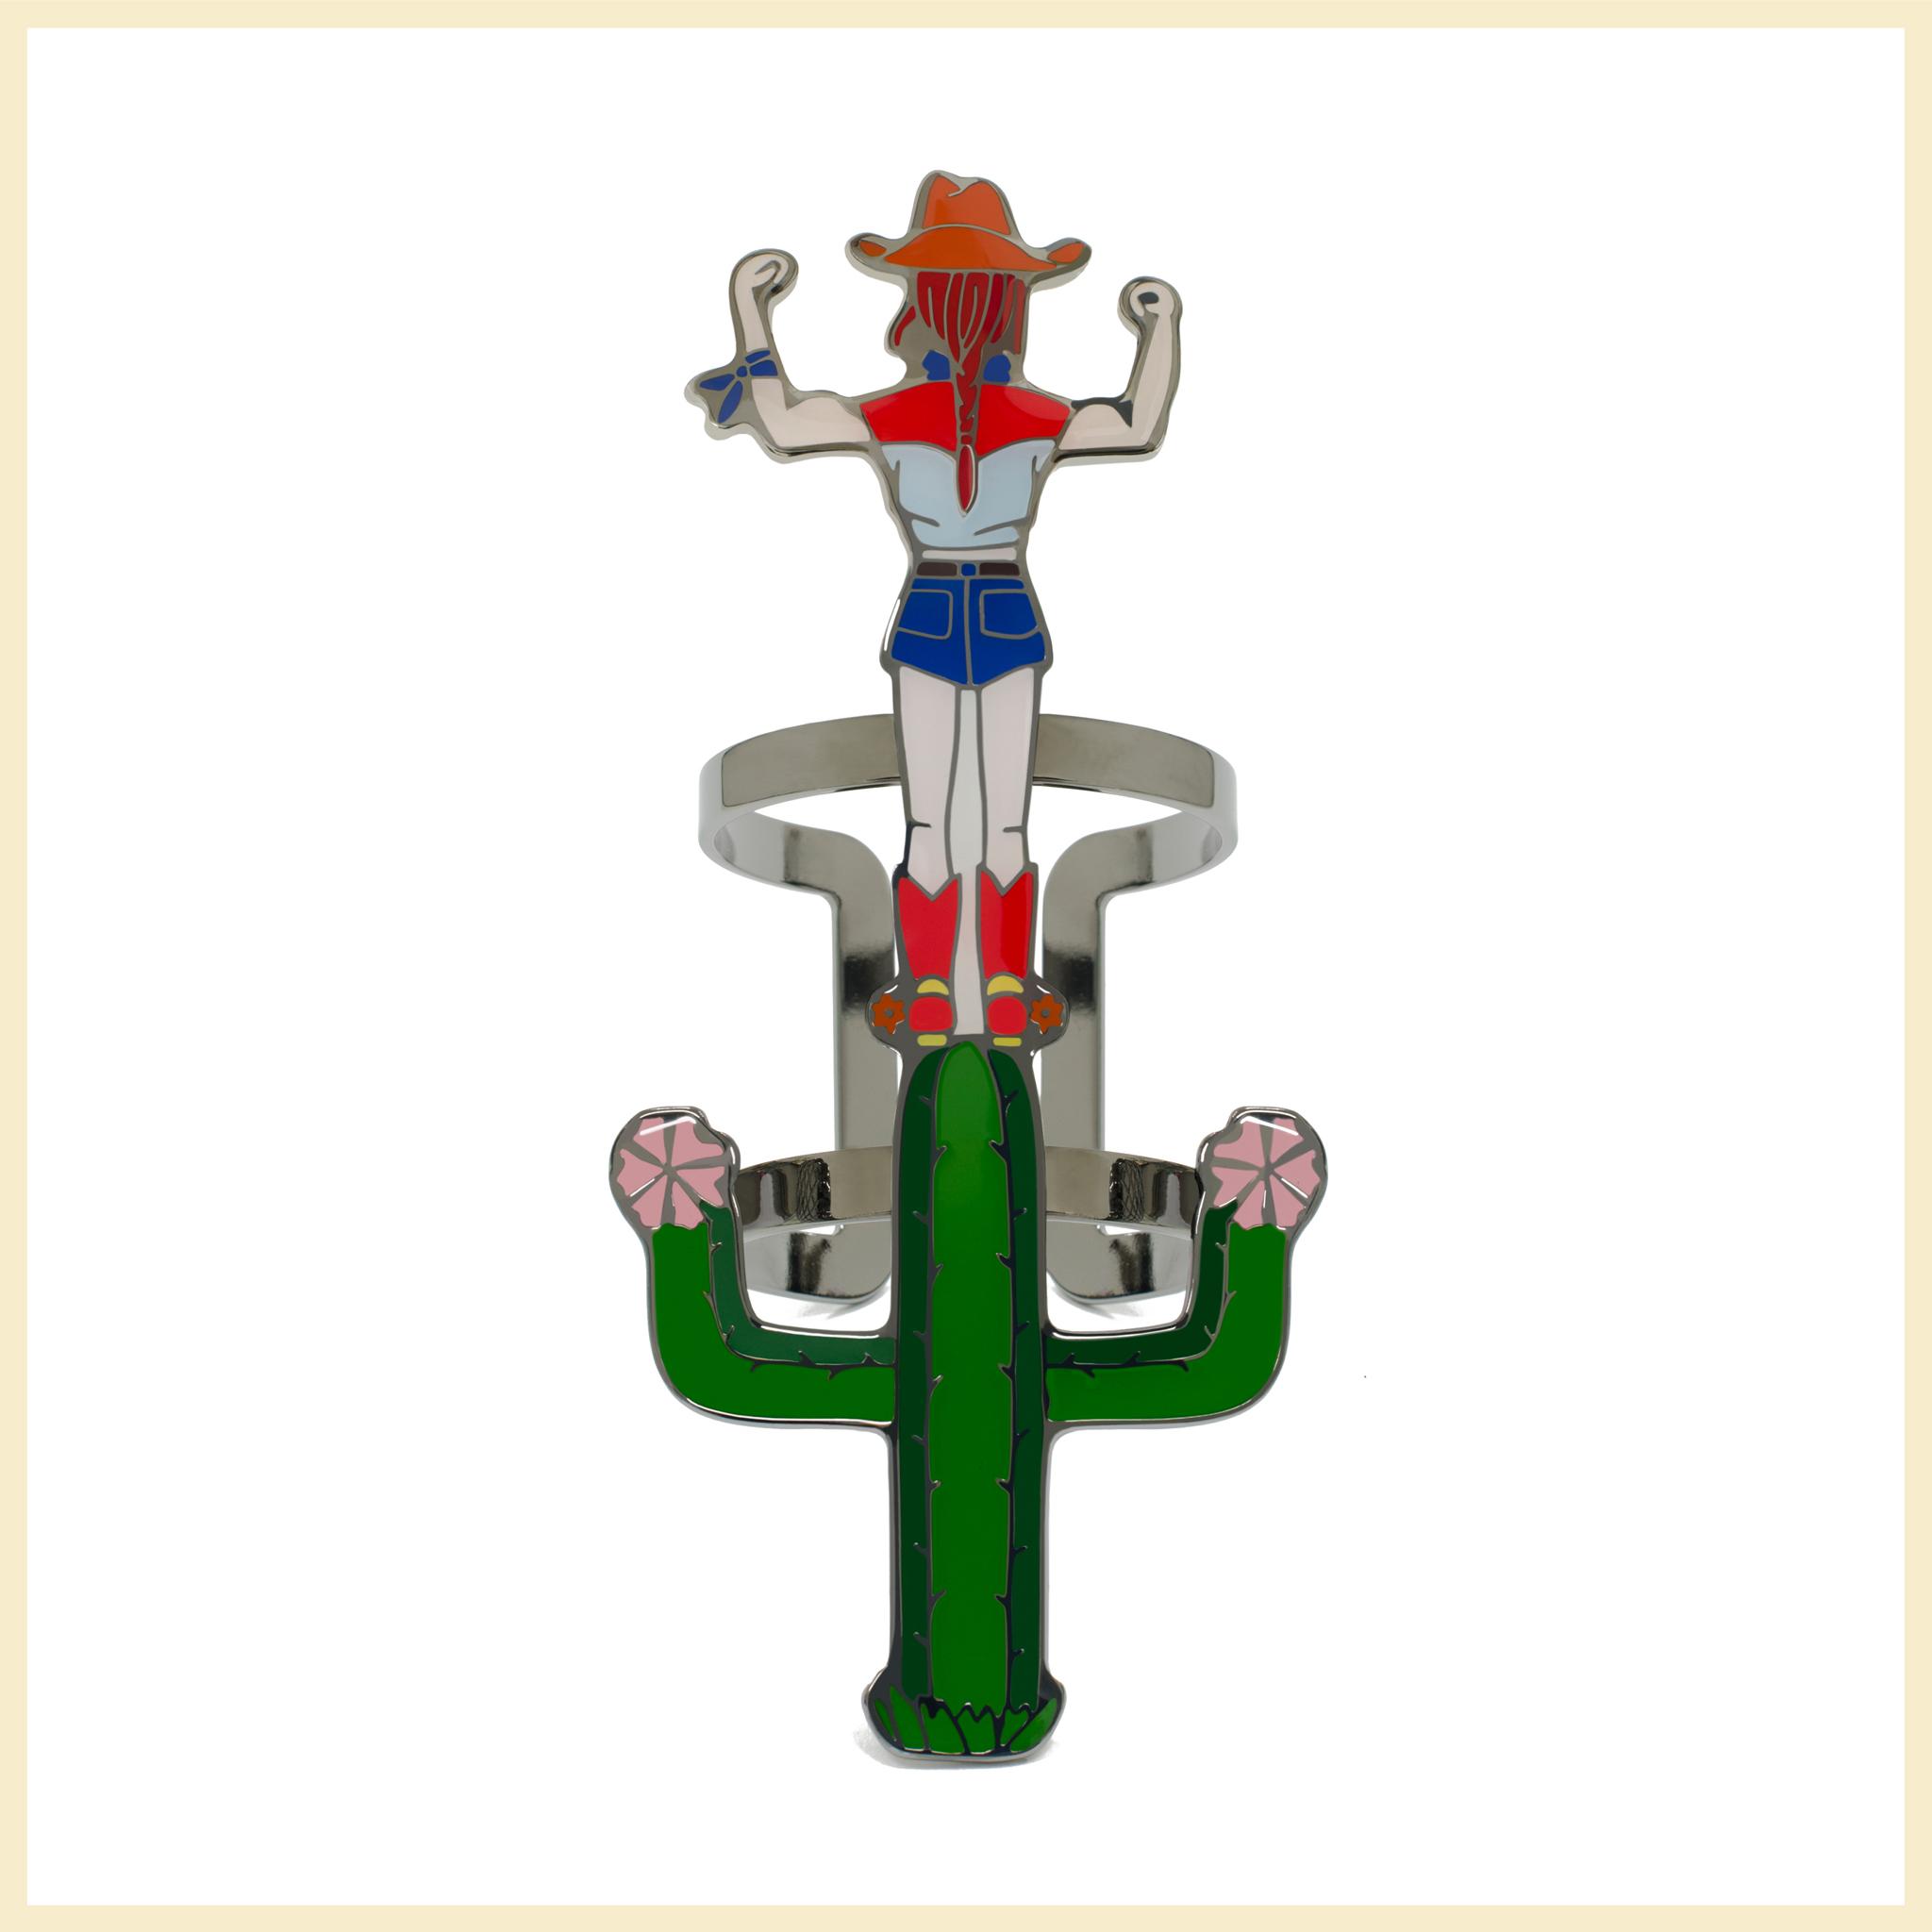 texana-bracelet-cordien-bijoux-jewel-1.jpg